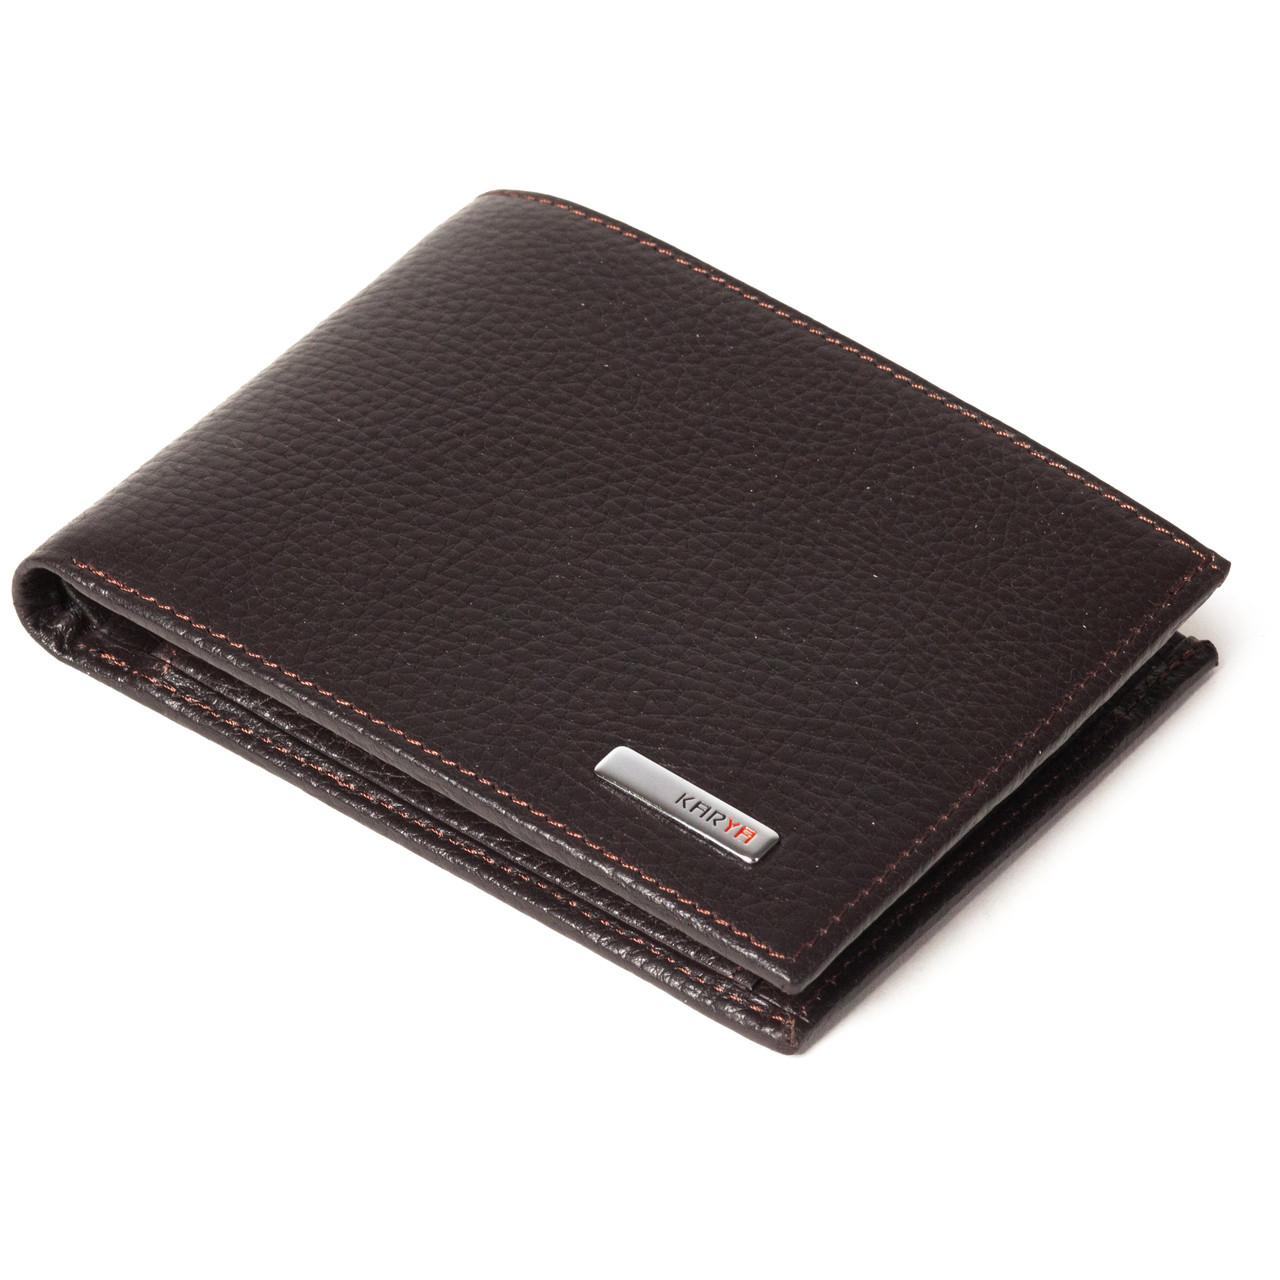 Мужской кошелек кожаный коричневый Karya 0412-39